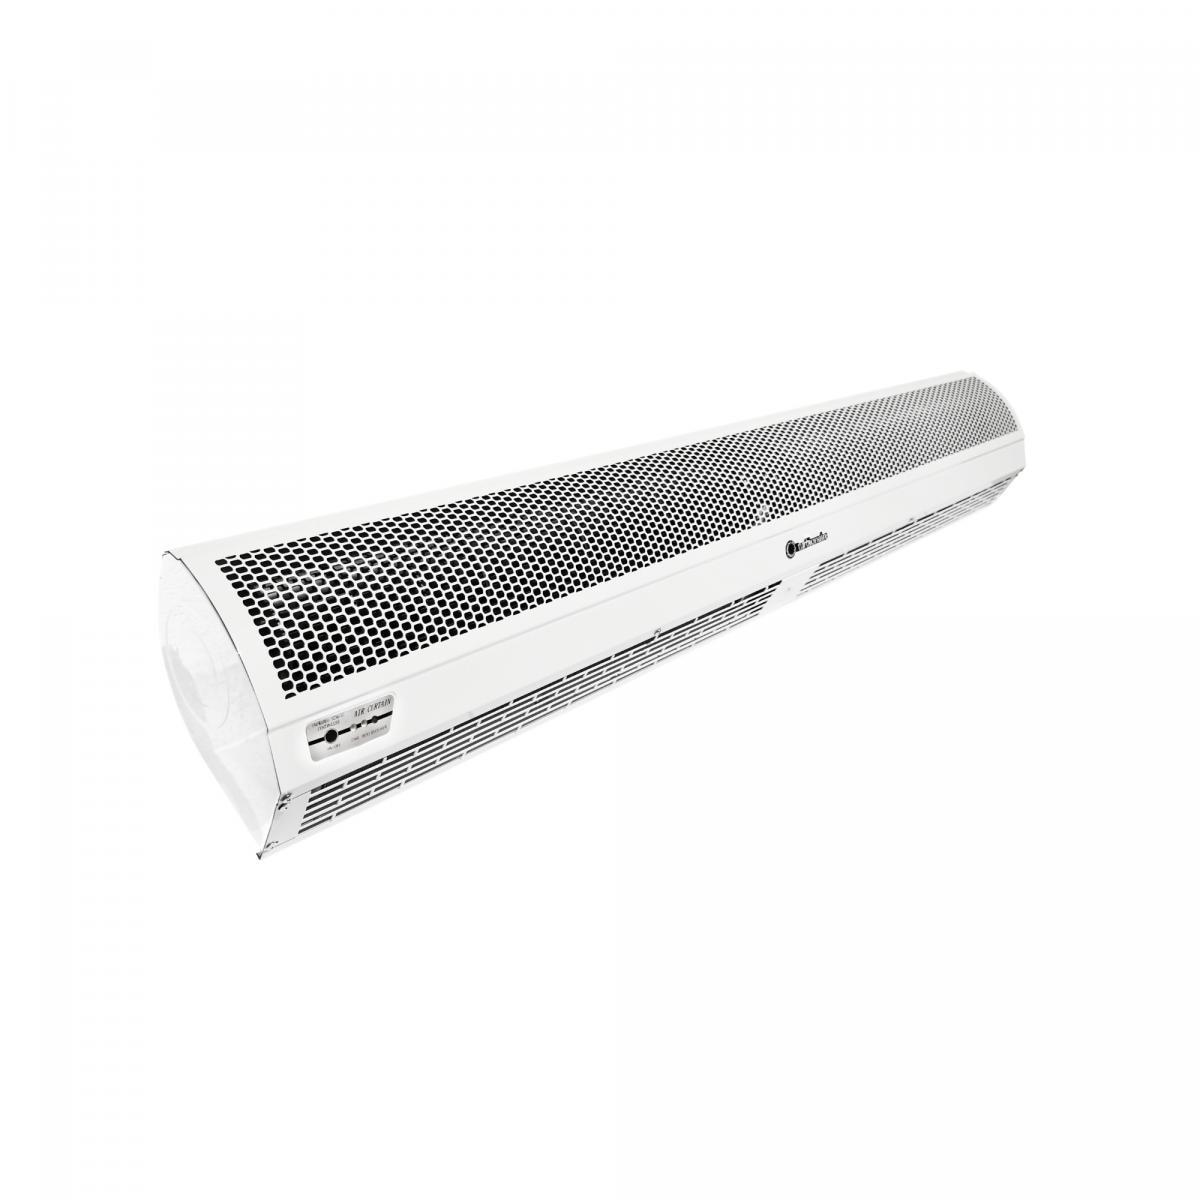 Fotografie Perdea de aer cald electrica Turbionaire Linea Heat 150T, debit 1900 mc/h, trifazic, 150 cm, telecomanda inclusa